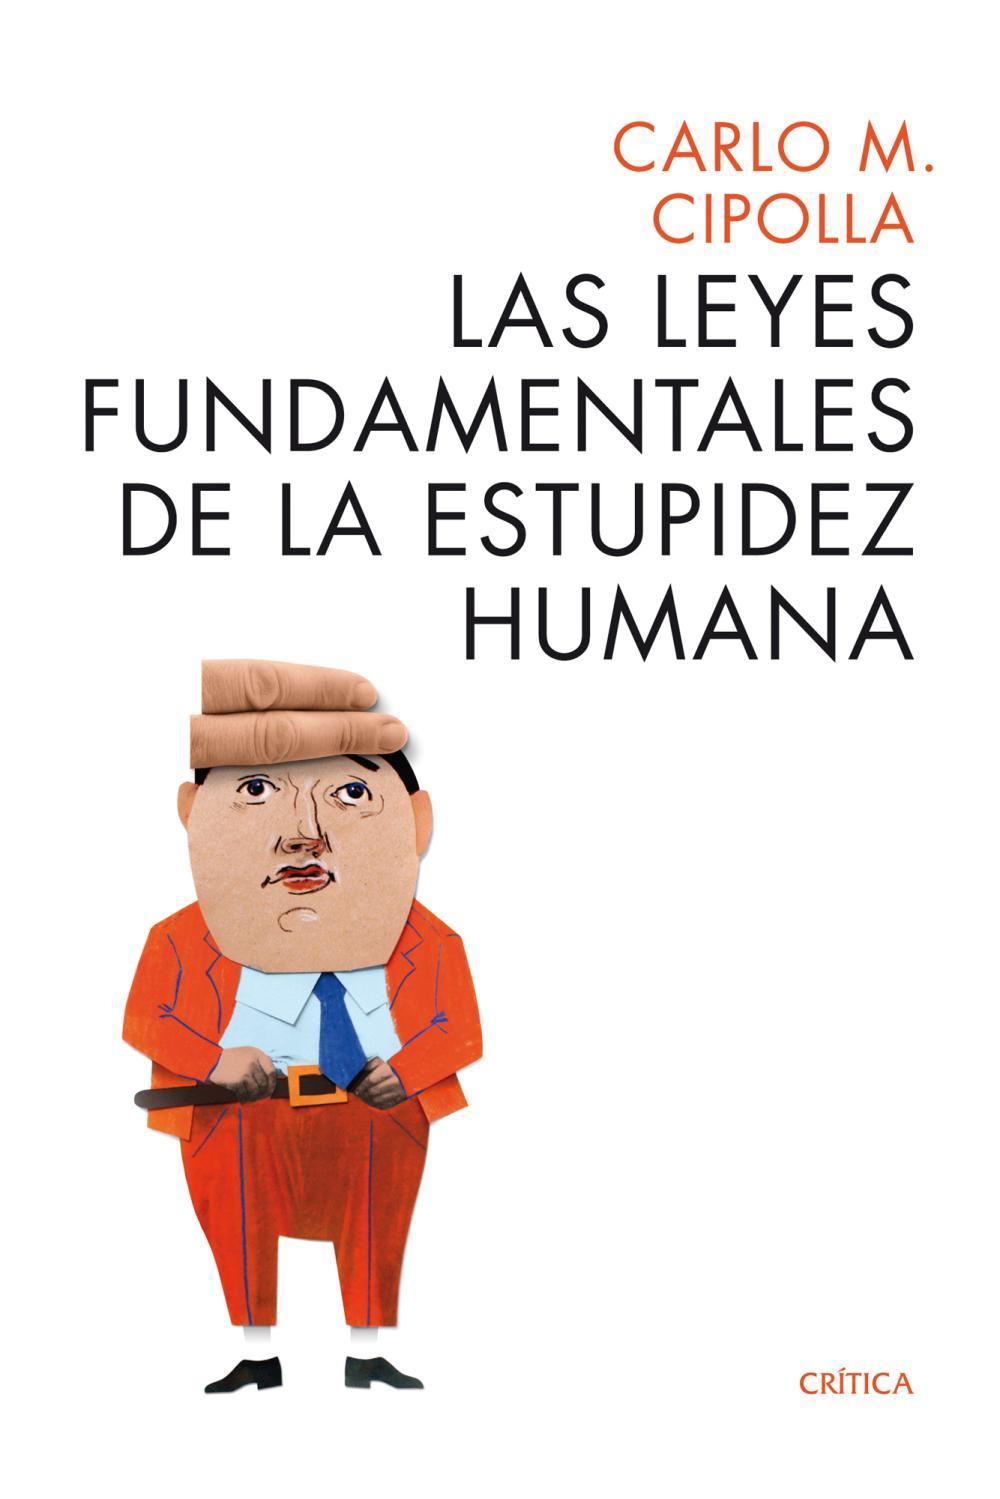 Las leyes fundamentales de la estupidez humana